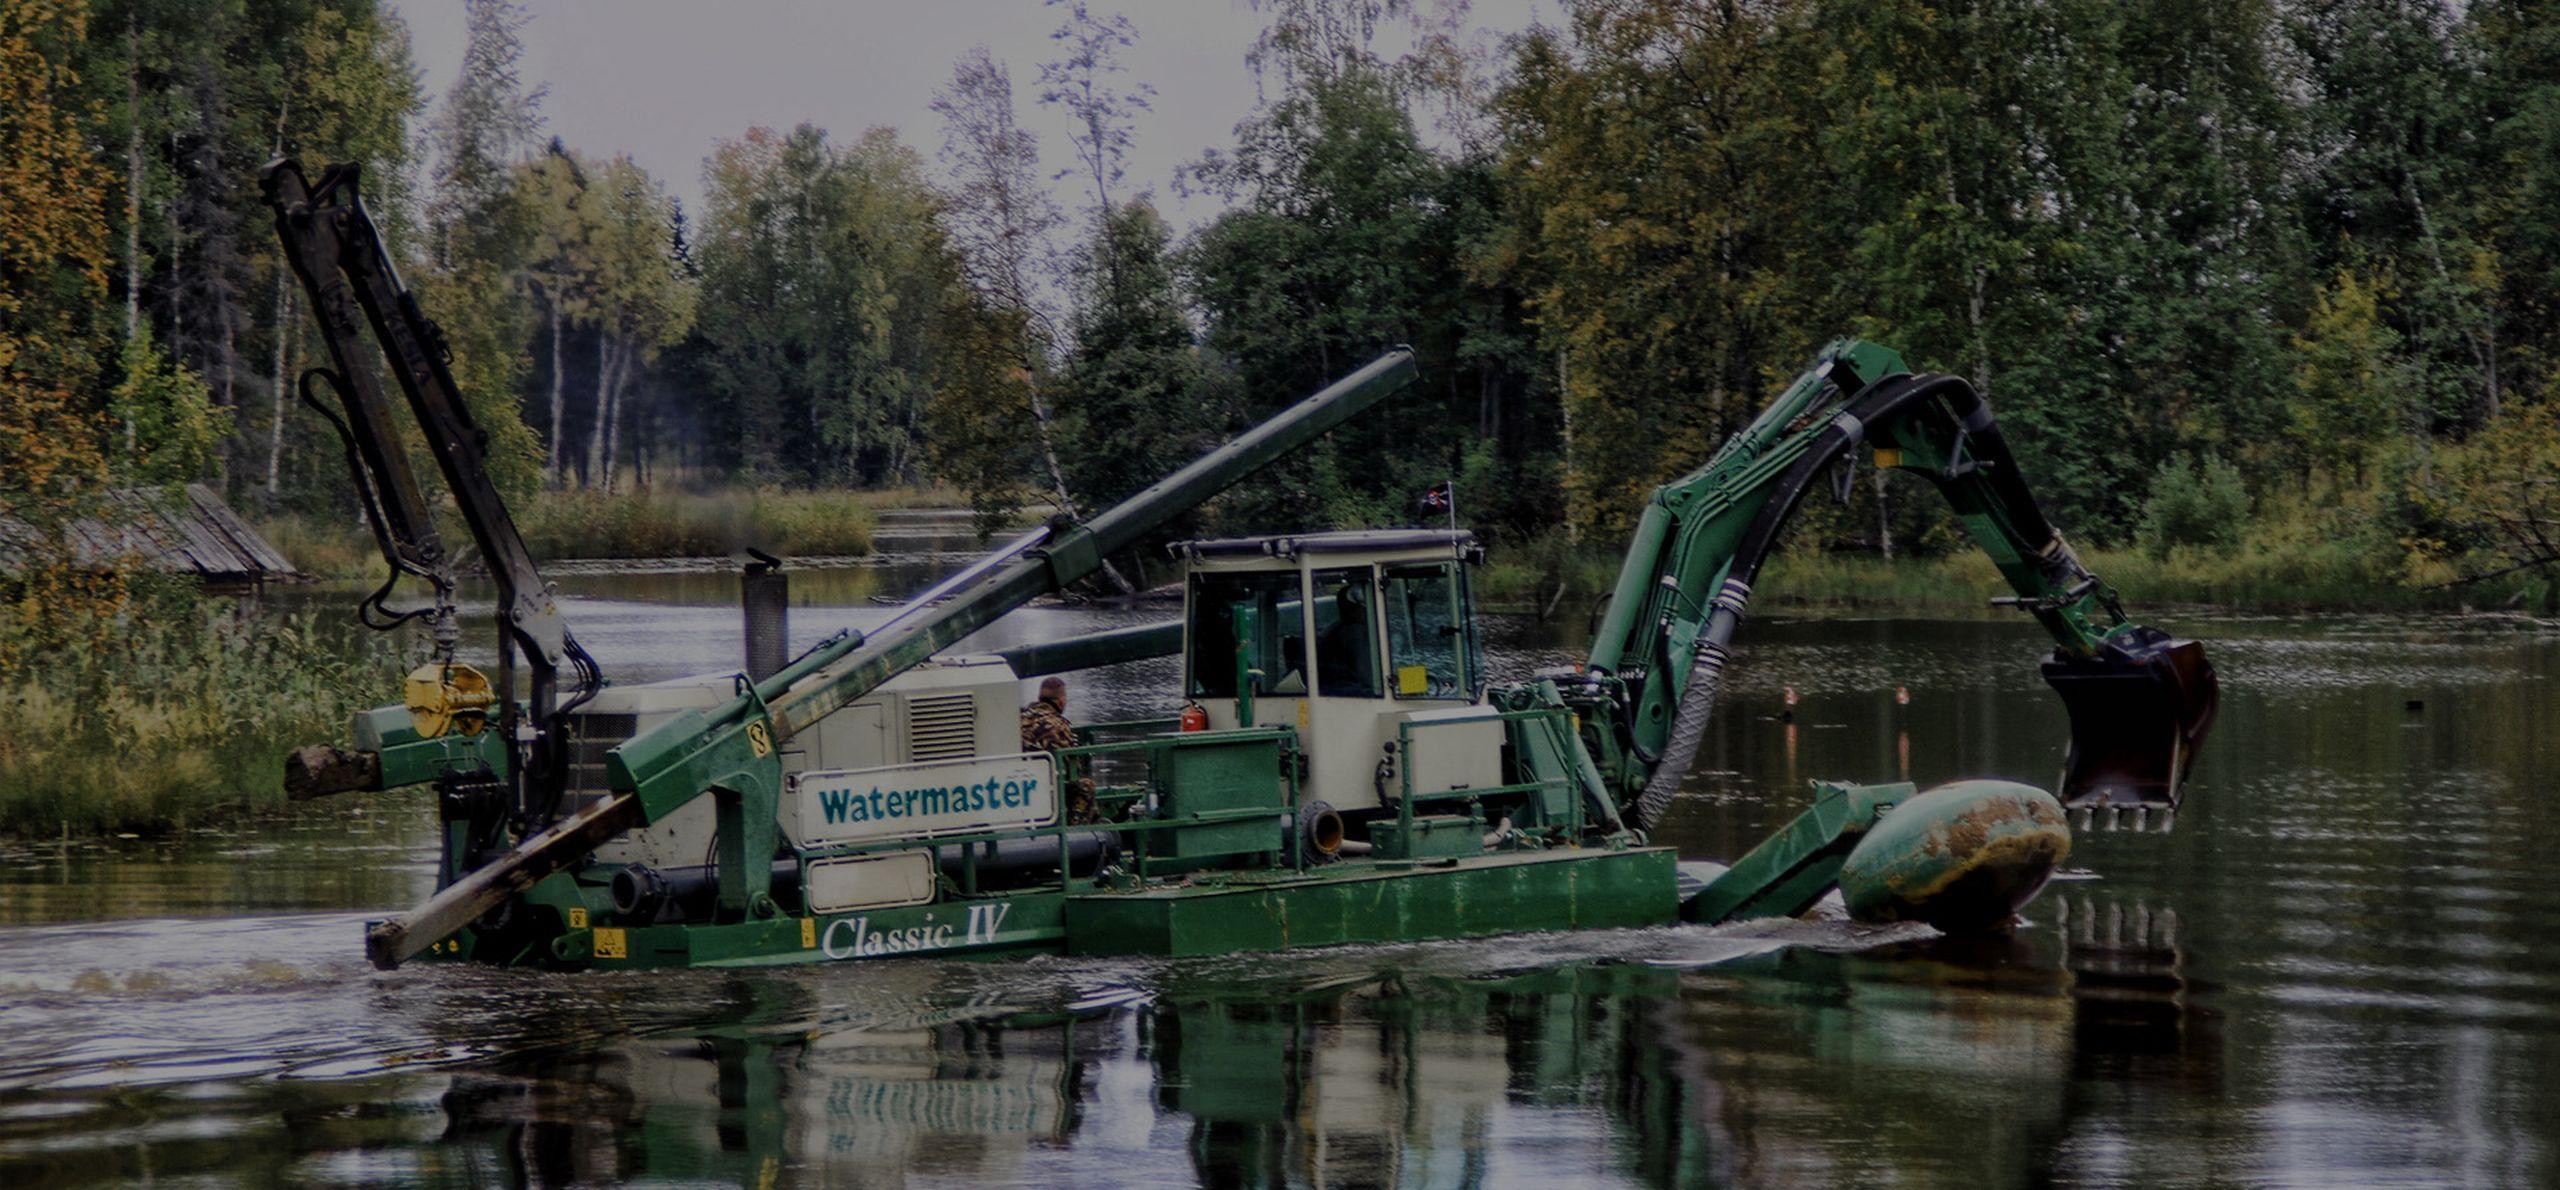 AQUAMEC WATERMASTER - čištění dna vodních toků a nádrží řek nebo při přečerpávání kalových polí